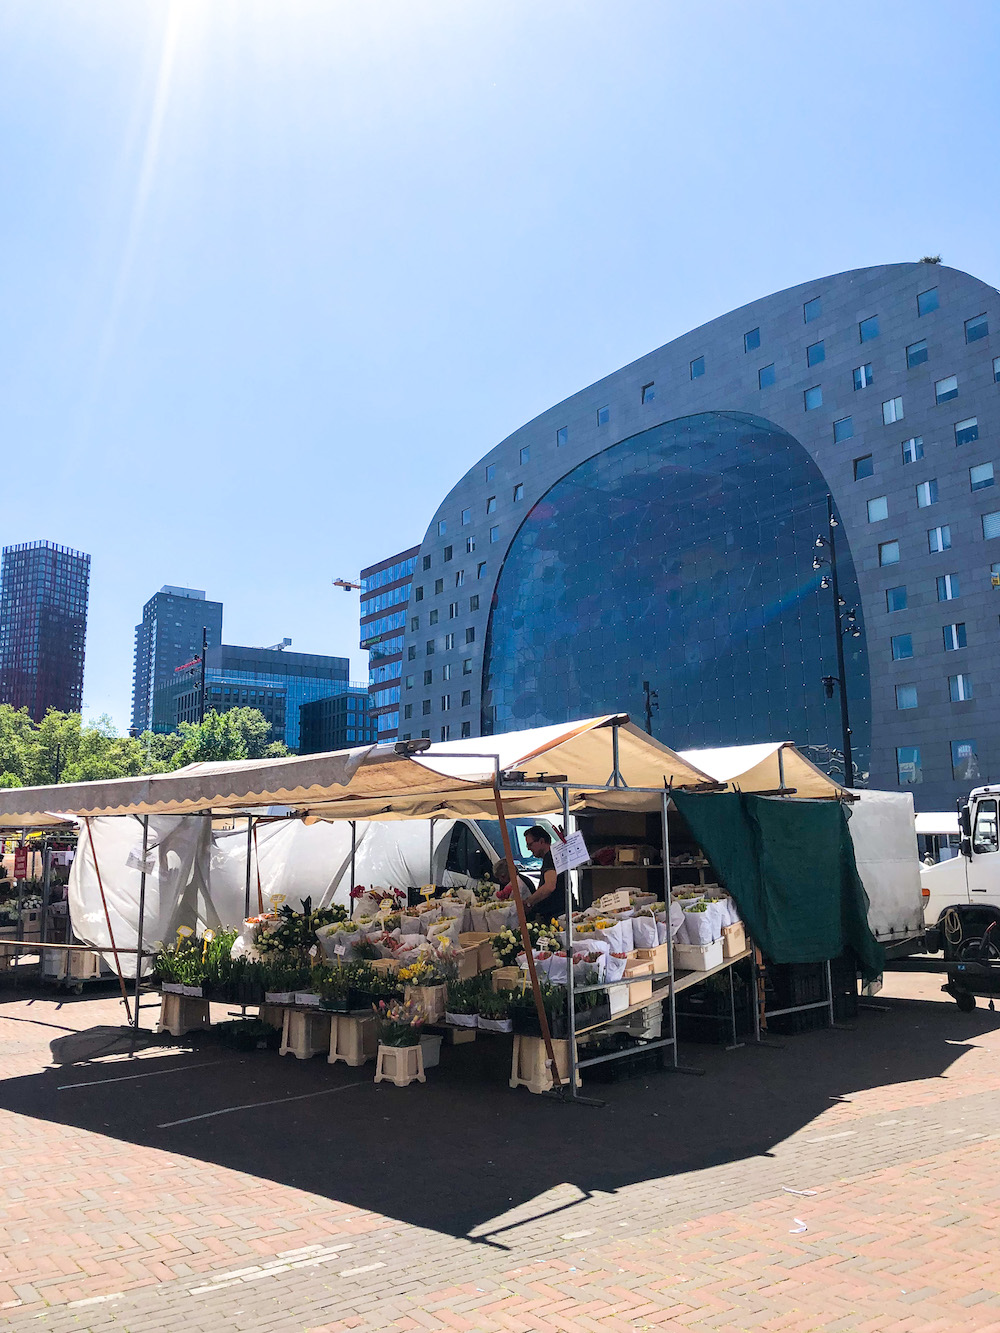 De Binnenrotte Markt is echt de ideale plek om lokale groenten, fruit, leuke vintage items en nog veel meer te scoren! Deze markt kun je vinden bij de Rotterdamse Markthal!